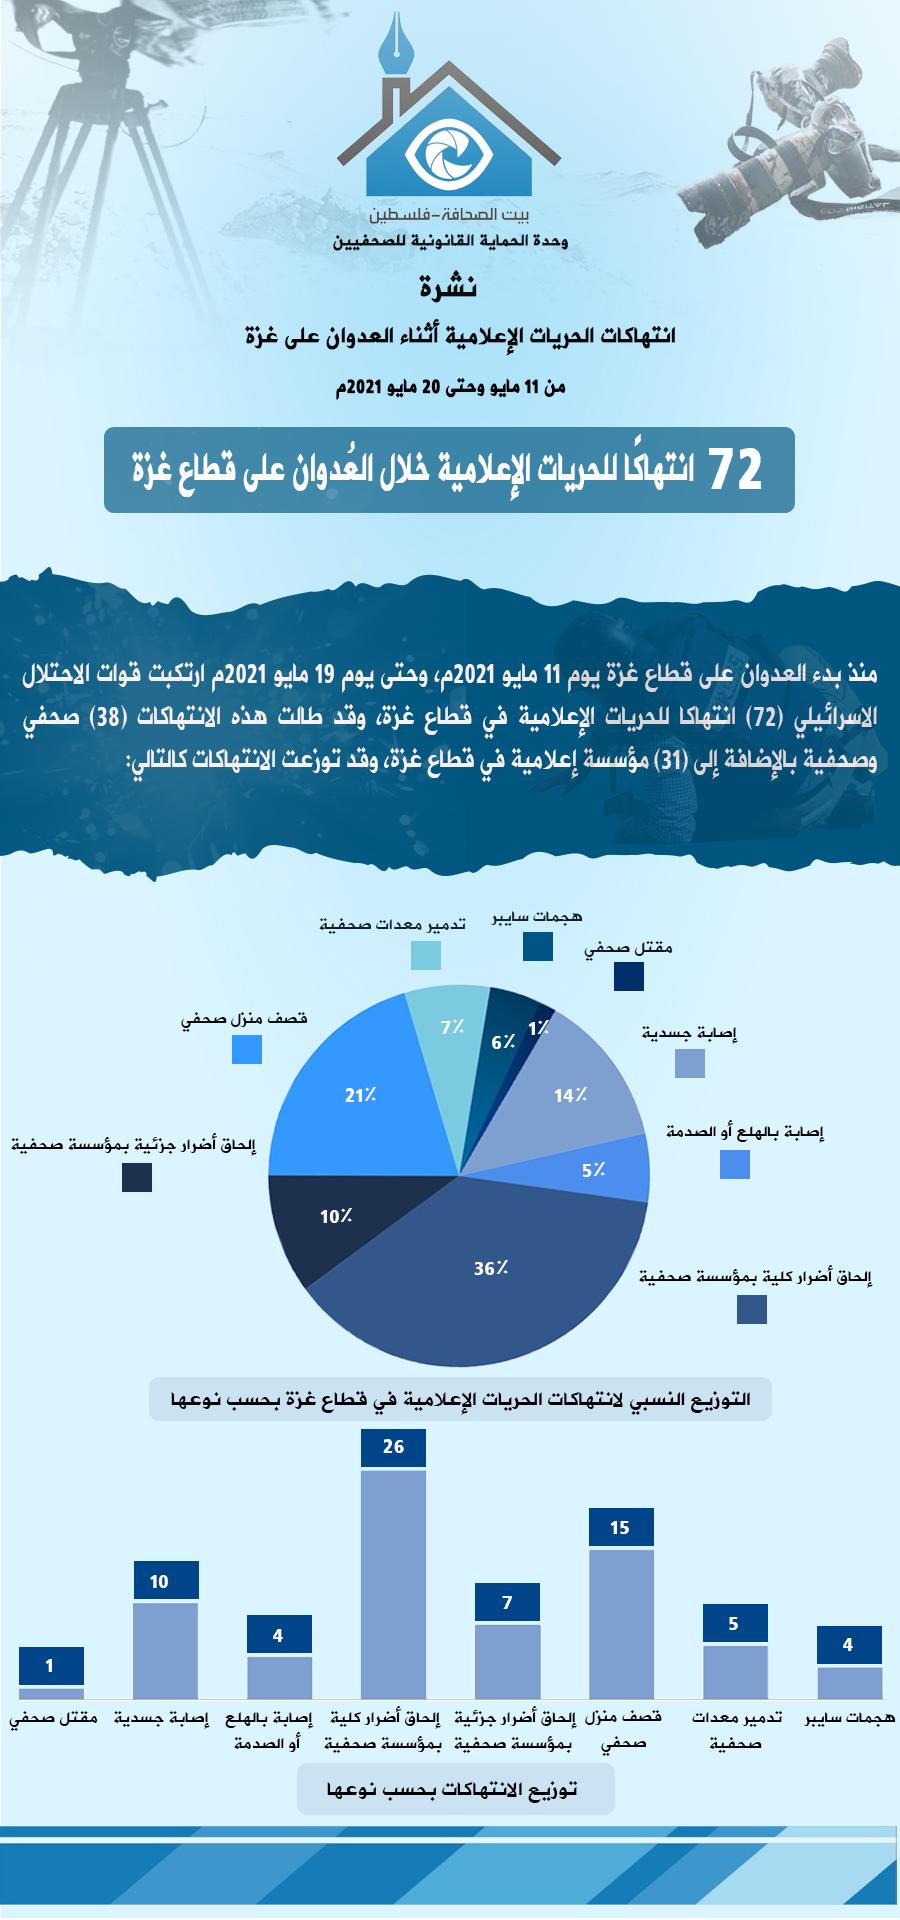 11-20 انتهاكات الحريات الإعلامية أثناء العدوان على غزة - عربي.png